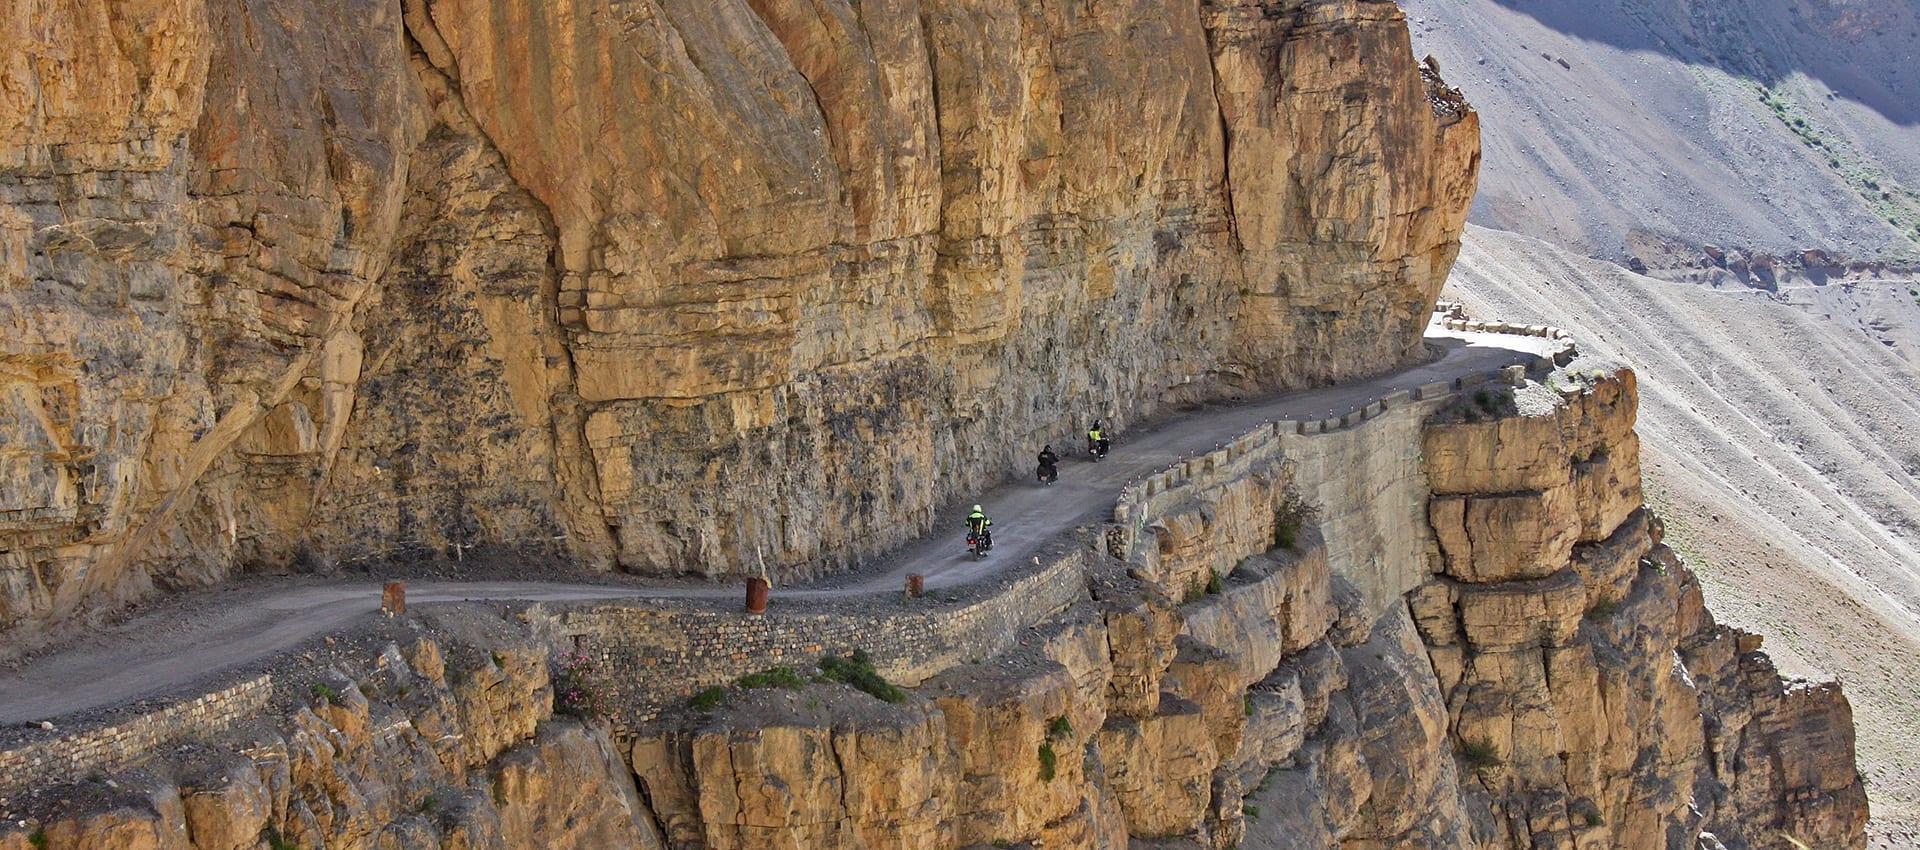 Download de gratis brochure van de 21 daagse motorreis dwars door de HimalayaHimalaya Motor Challenge, avontuurlijke motorreis dwars door de Himalaya naar de Khardung La